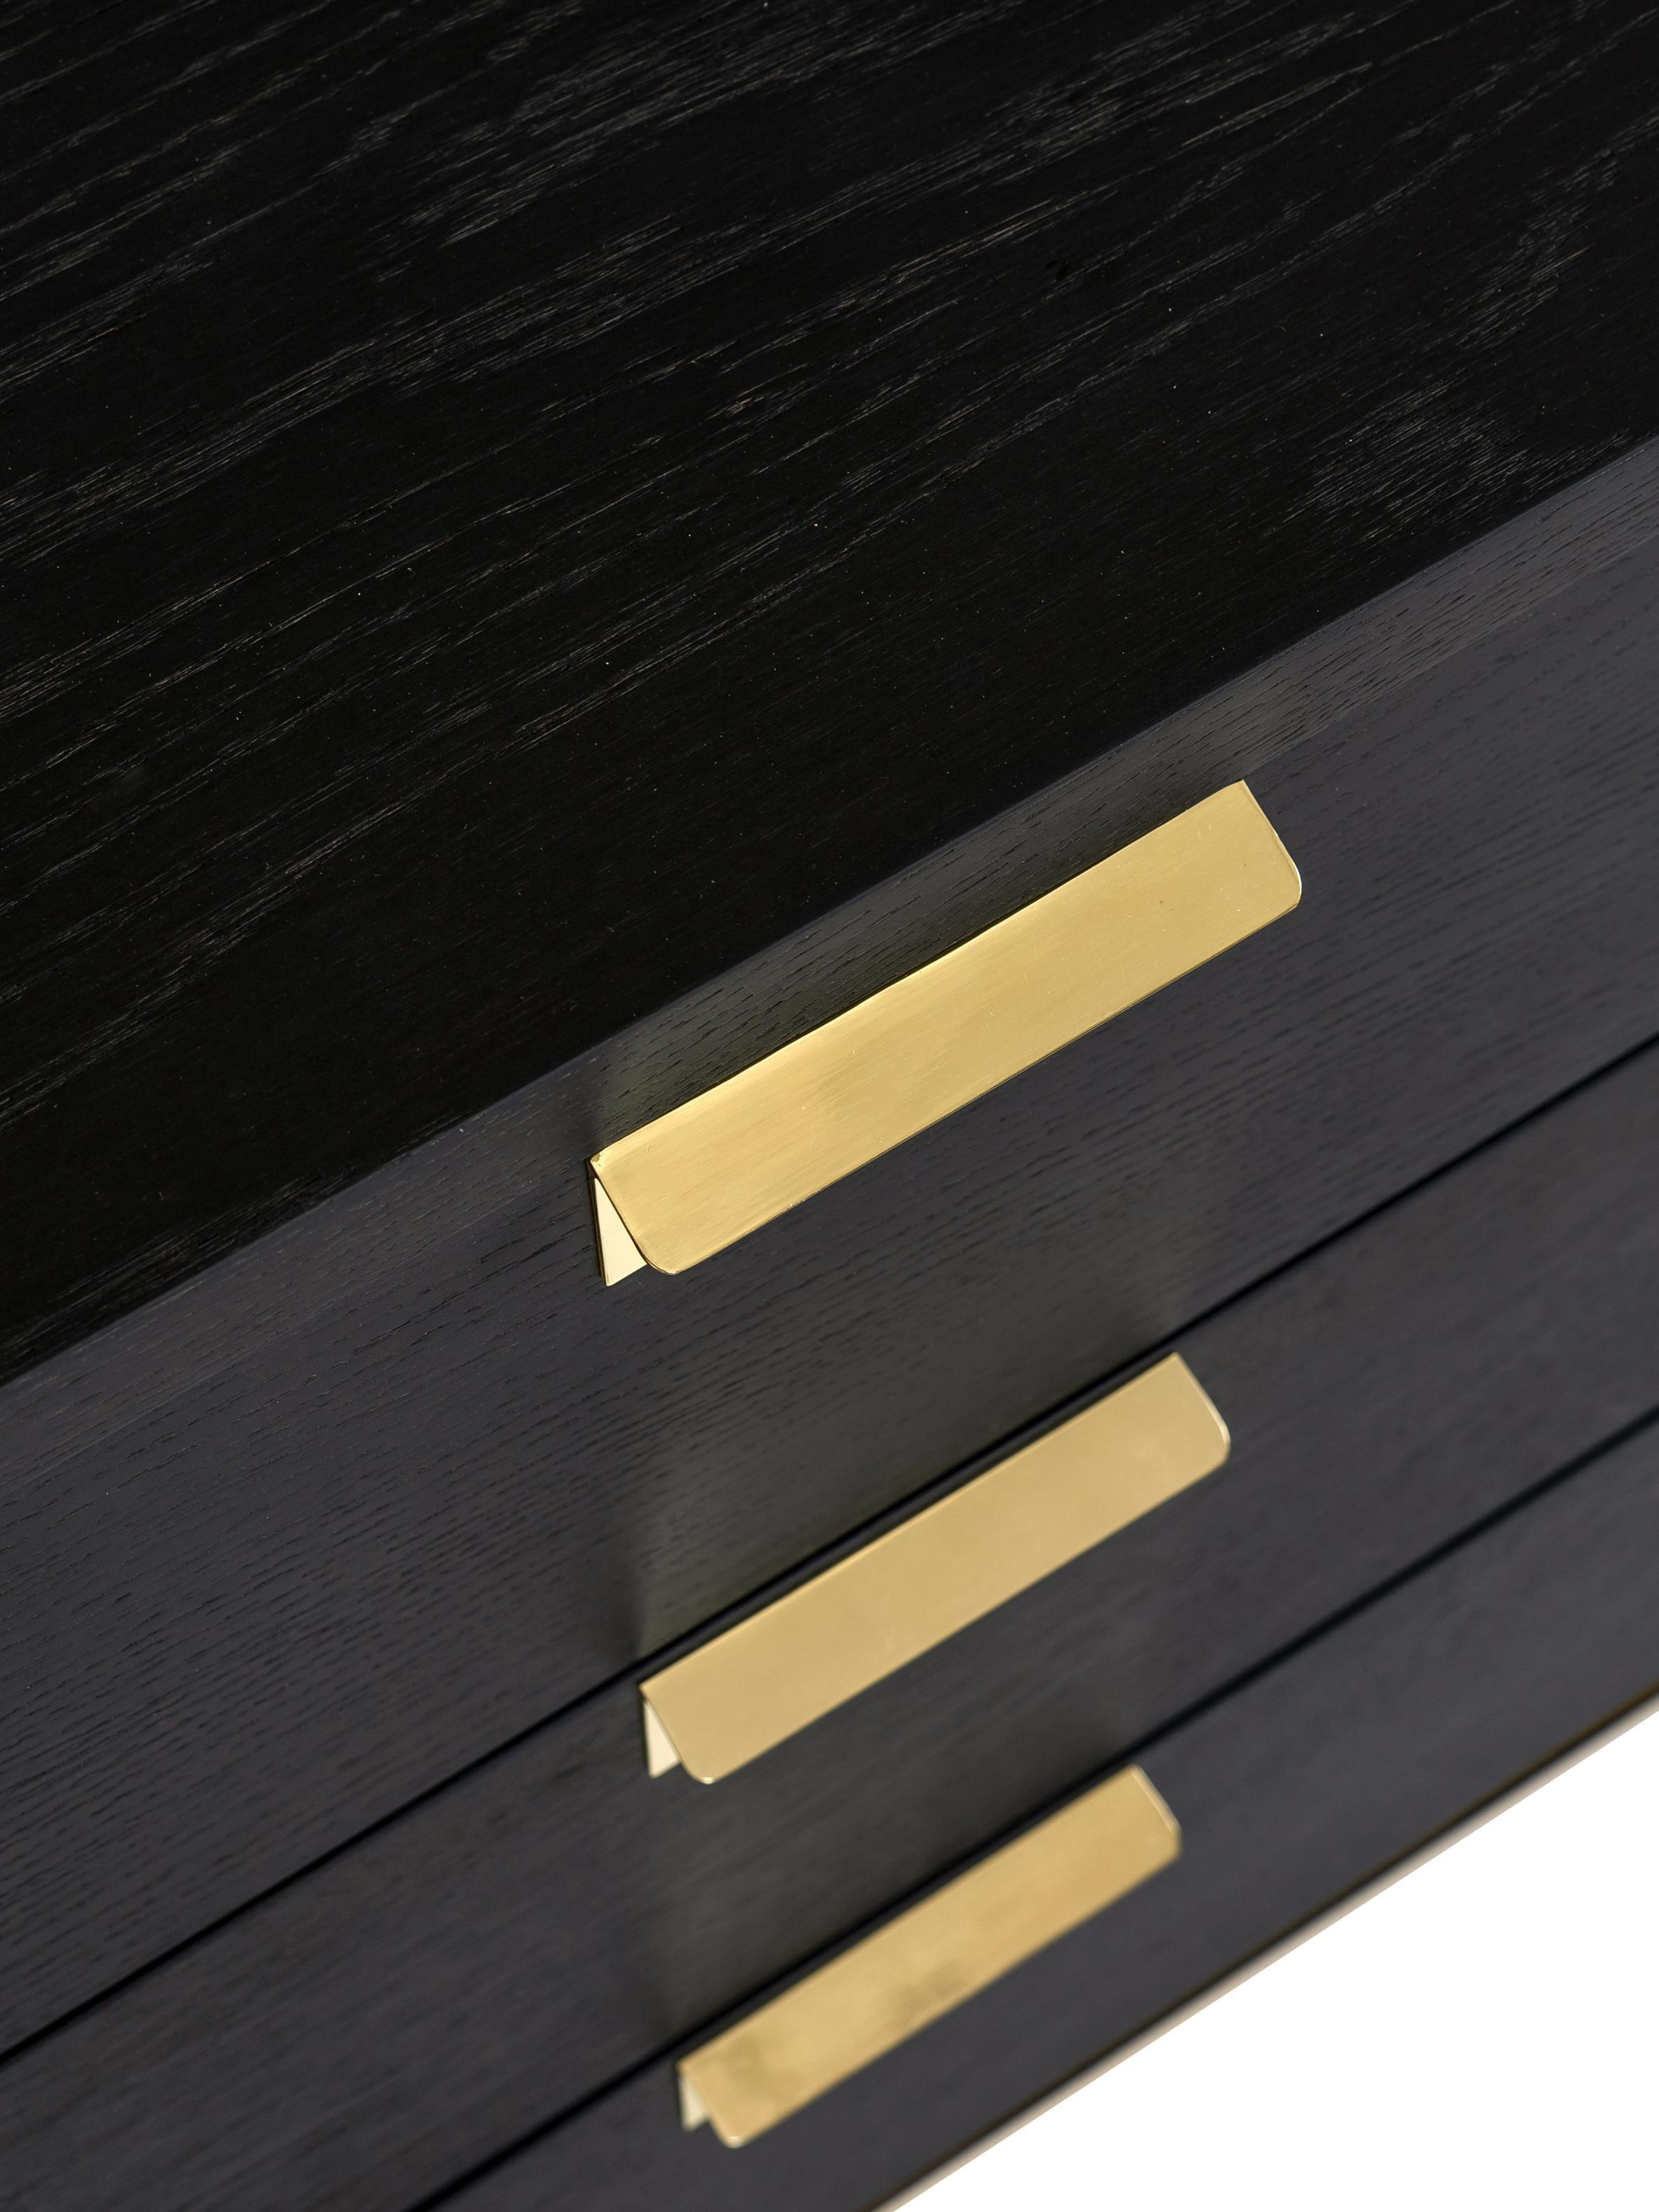 Schubladenkommode Pimlico aus Eichenholz, Dunkelbraun, Messing, 91 x 75 cm